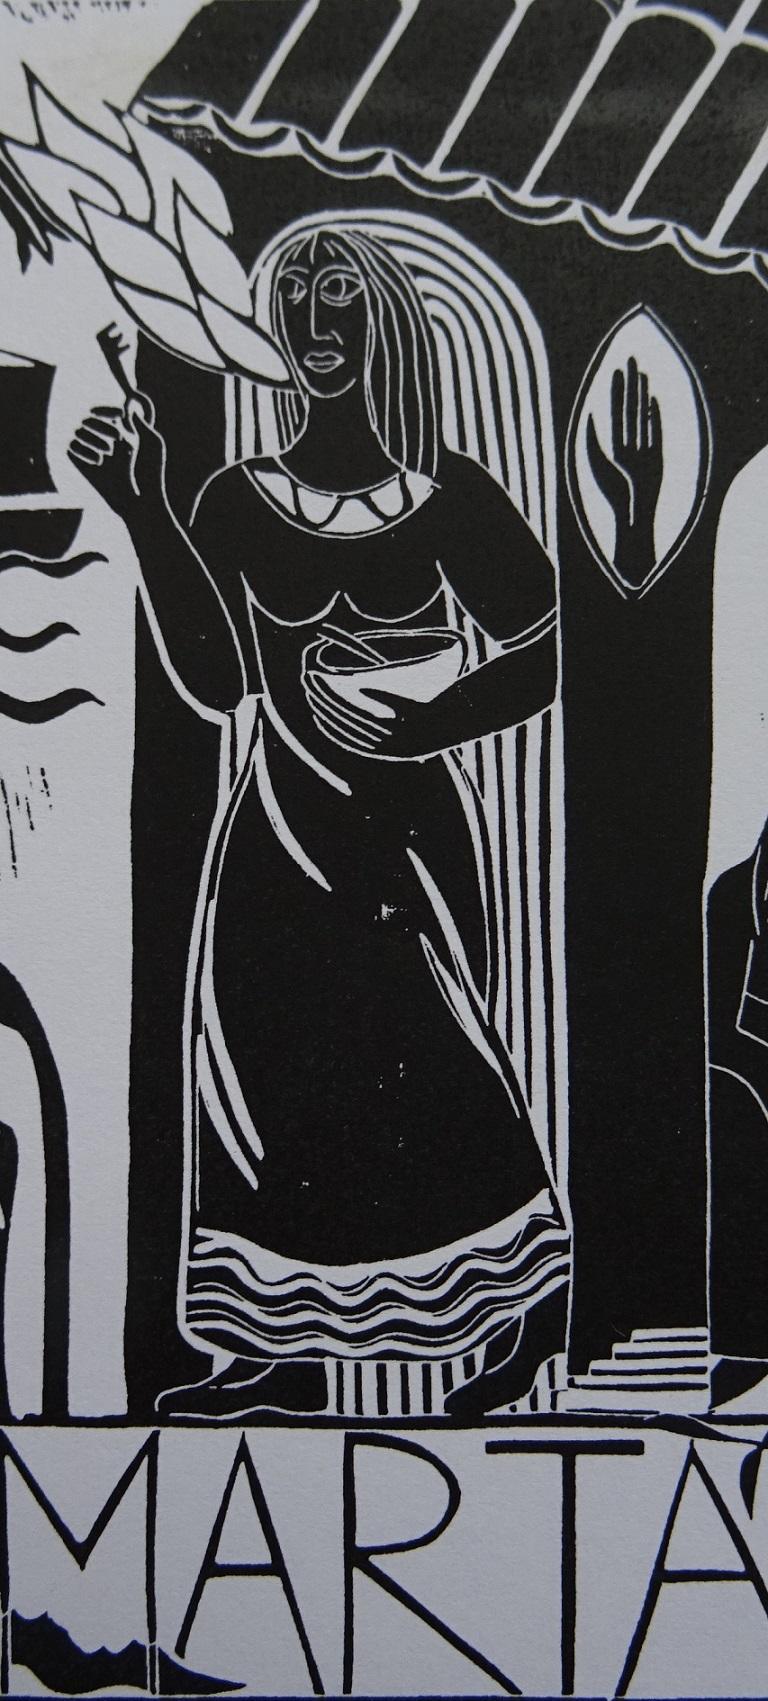 Linoldruck: Marta von Bethanien aus dem Passauer Frauentuch